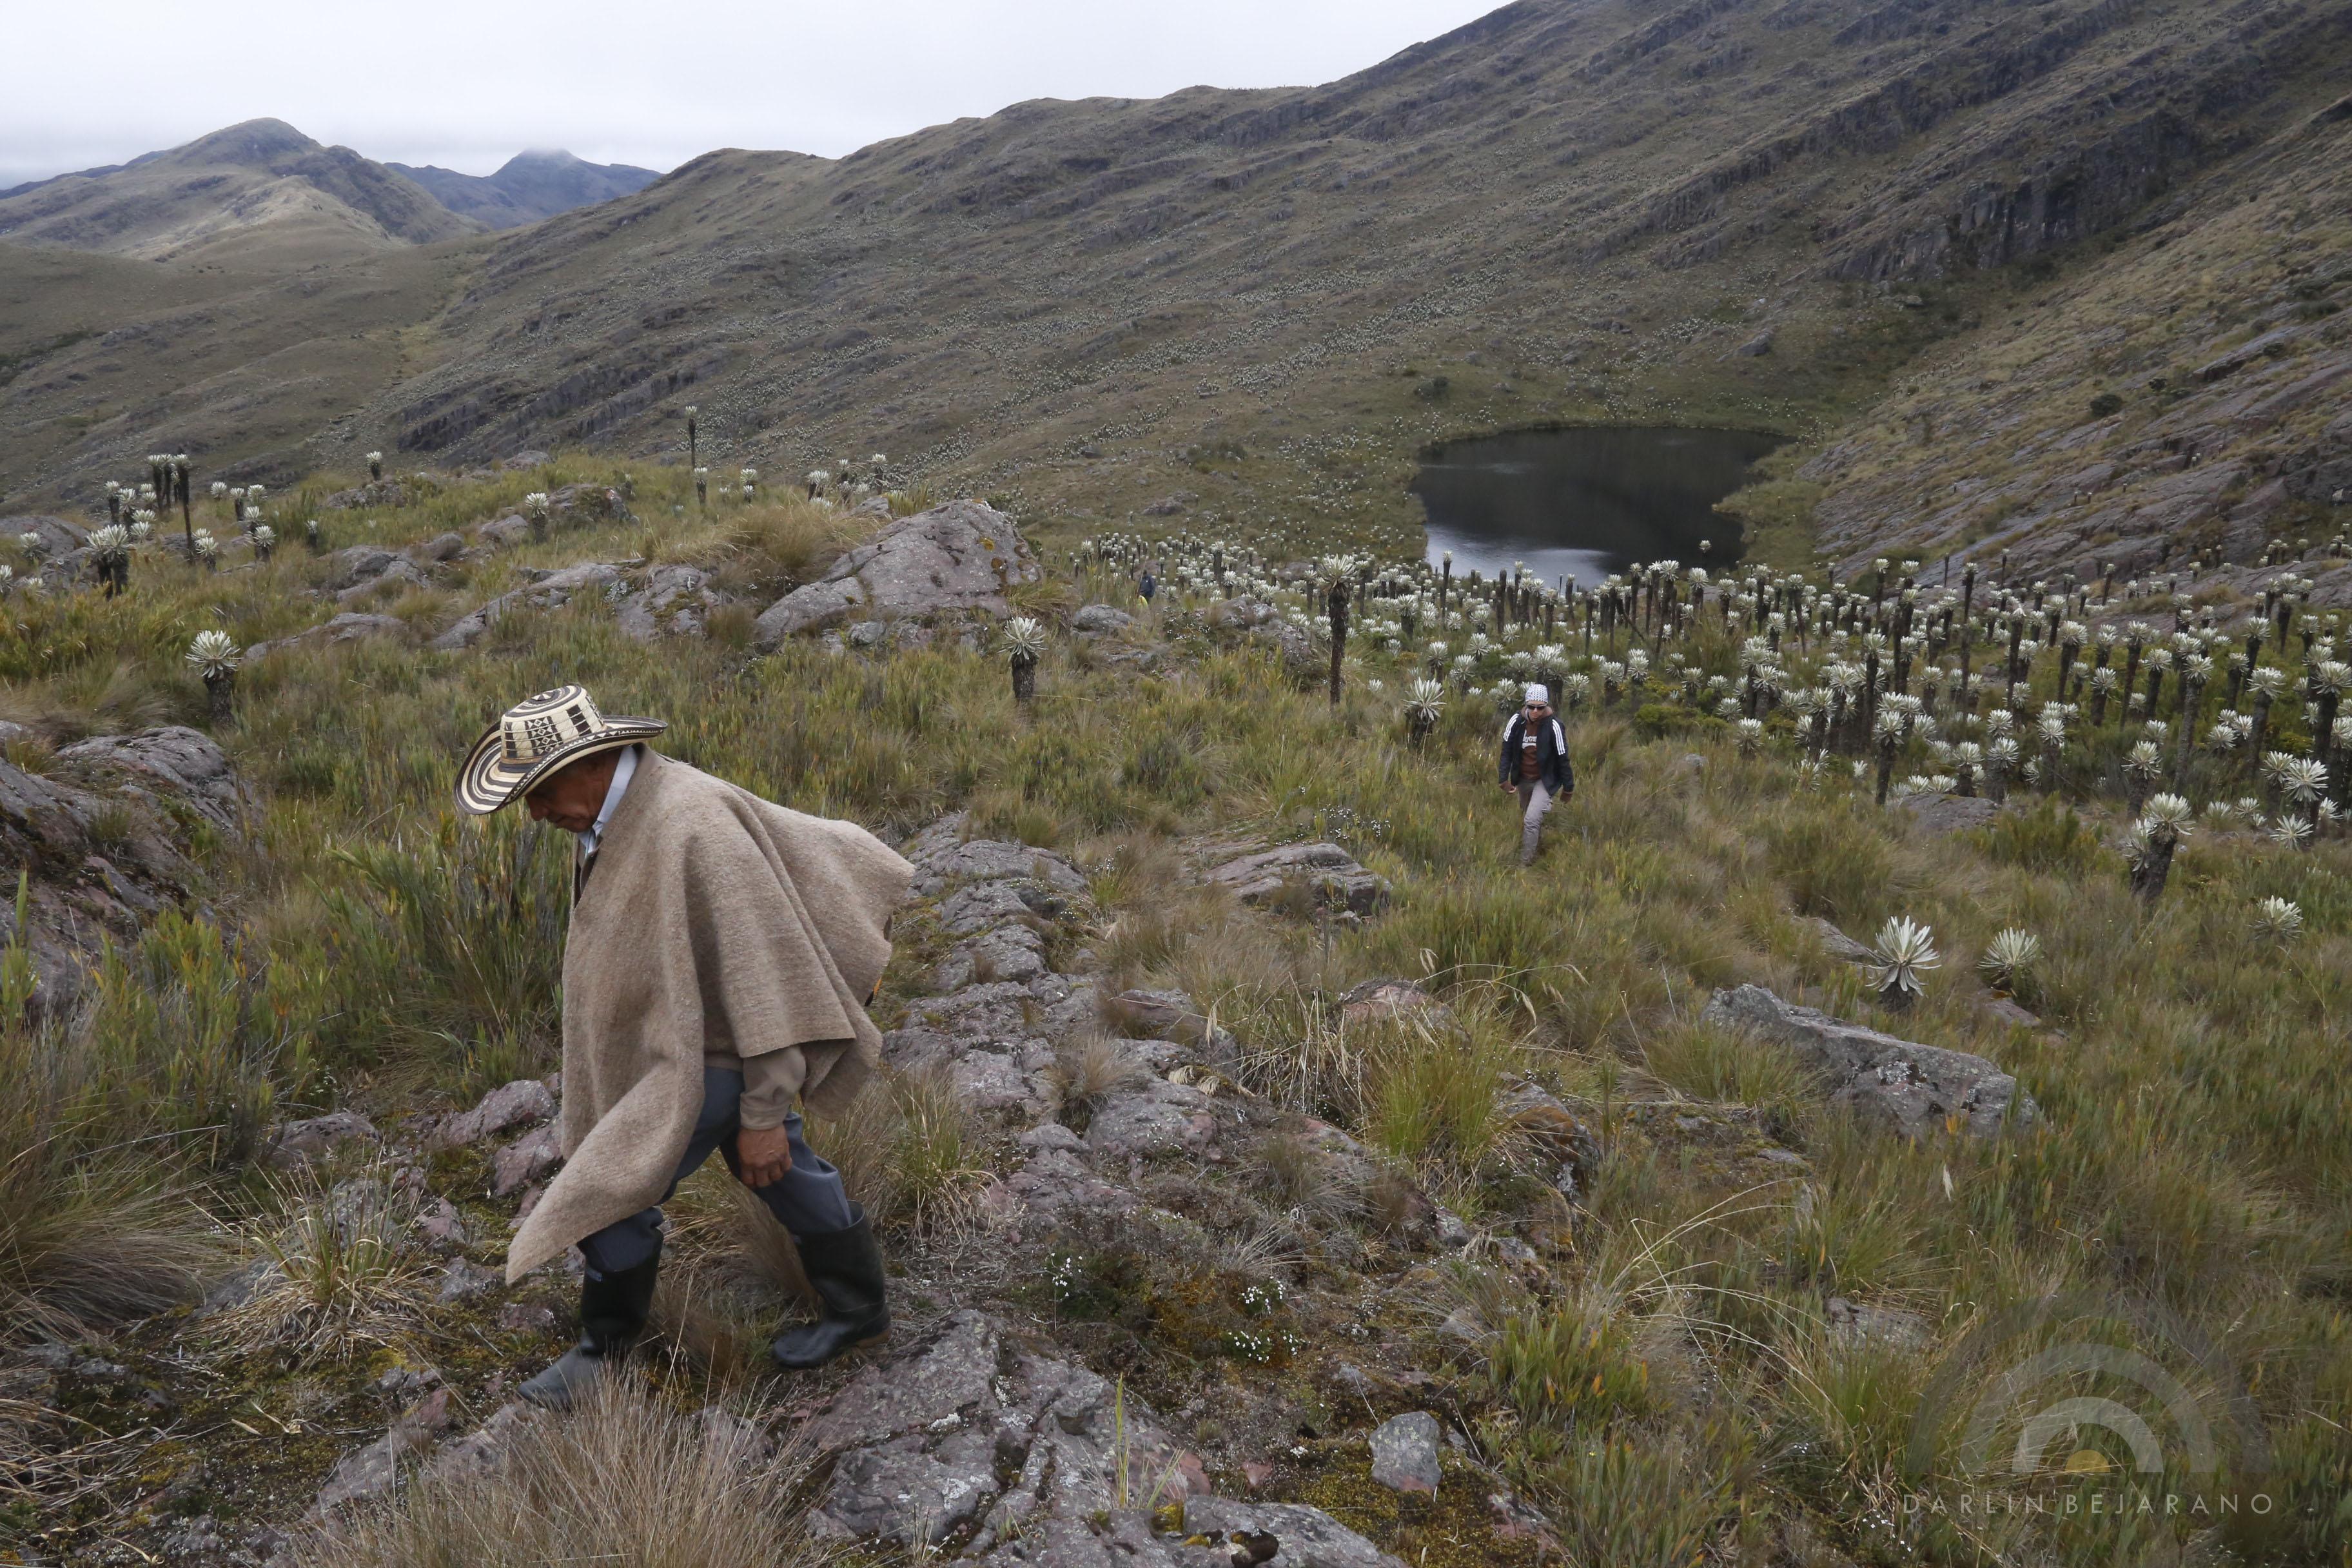 El páramo de Pisba alcanza una altura de 3800 metros sobre el nivel del mar. Foto: Jarlin Bejarano.